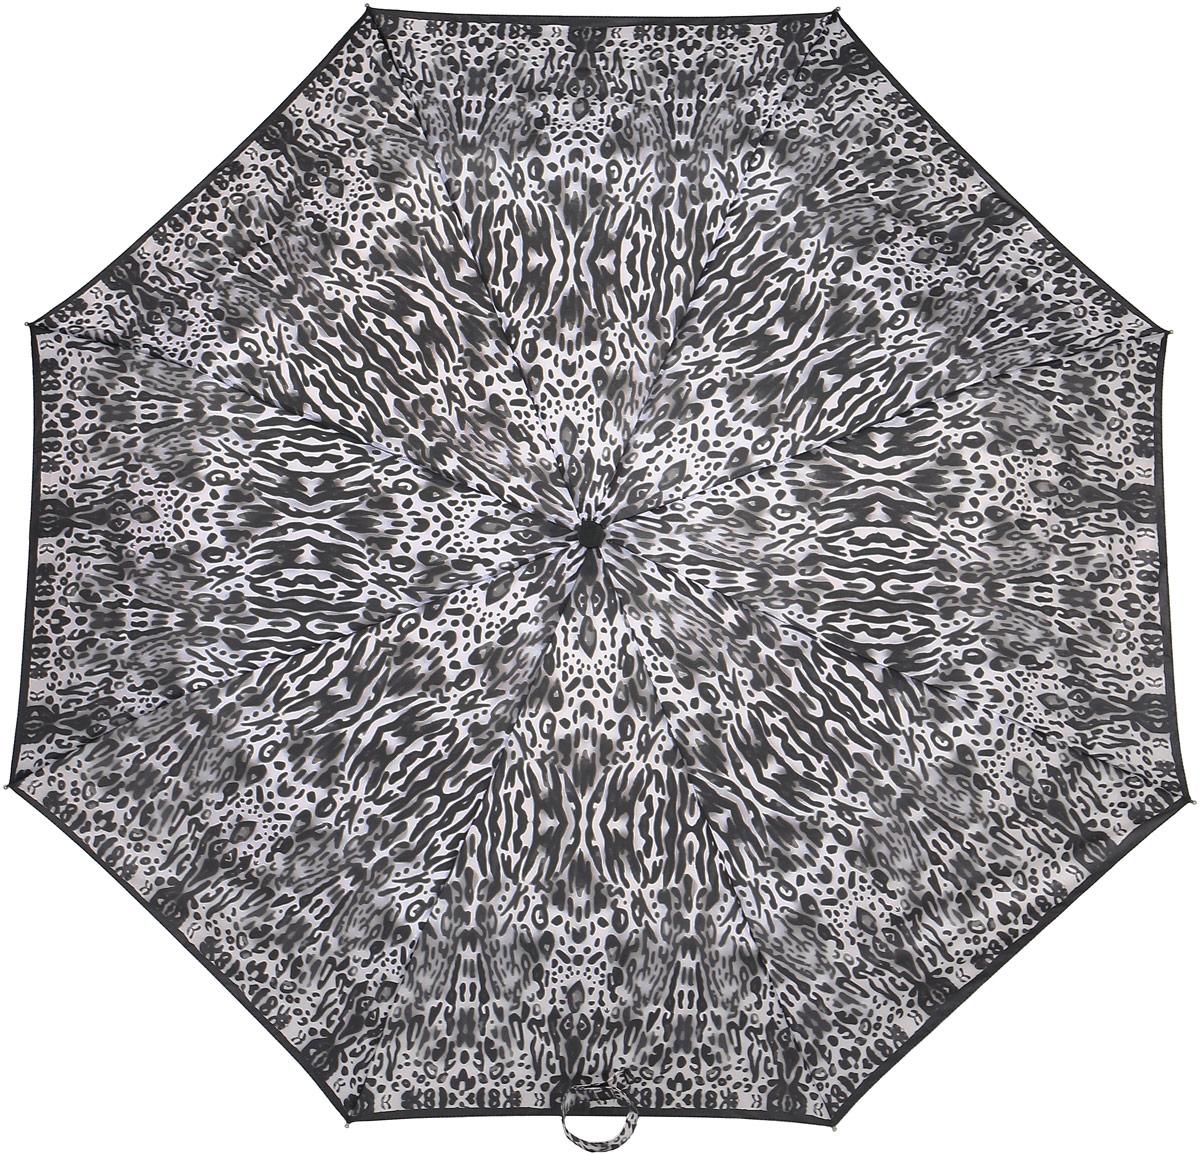 Зонт женский Fulton, механический, 3 сложения, цвет: черный, светло-серый. L354-3377Колье (короткие одноярусные бусы)Стильный механический зонт Fulton имеет 3 сложения, даже в ненастную погоду позволит вам оставаться стильной. Легкий, но в тоже время прочный алюминиевый каркас состоит из восьми спиц с элементами из фибергласса. Купол зонта выполнен из прочного полиэстера с водоотталкивающей пропиткой. Рукоятка закругленной формы, разработанная с учетом требований эргономики, выполнена из каучука. Зонт имеет механический способ сложения: и купол, и стержень открываются и закрываются вручную до характерного щелчка.